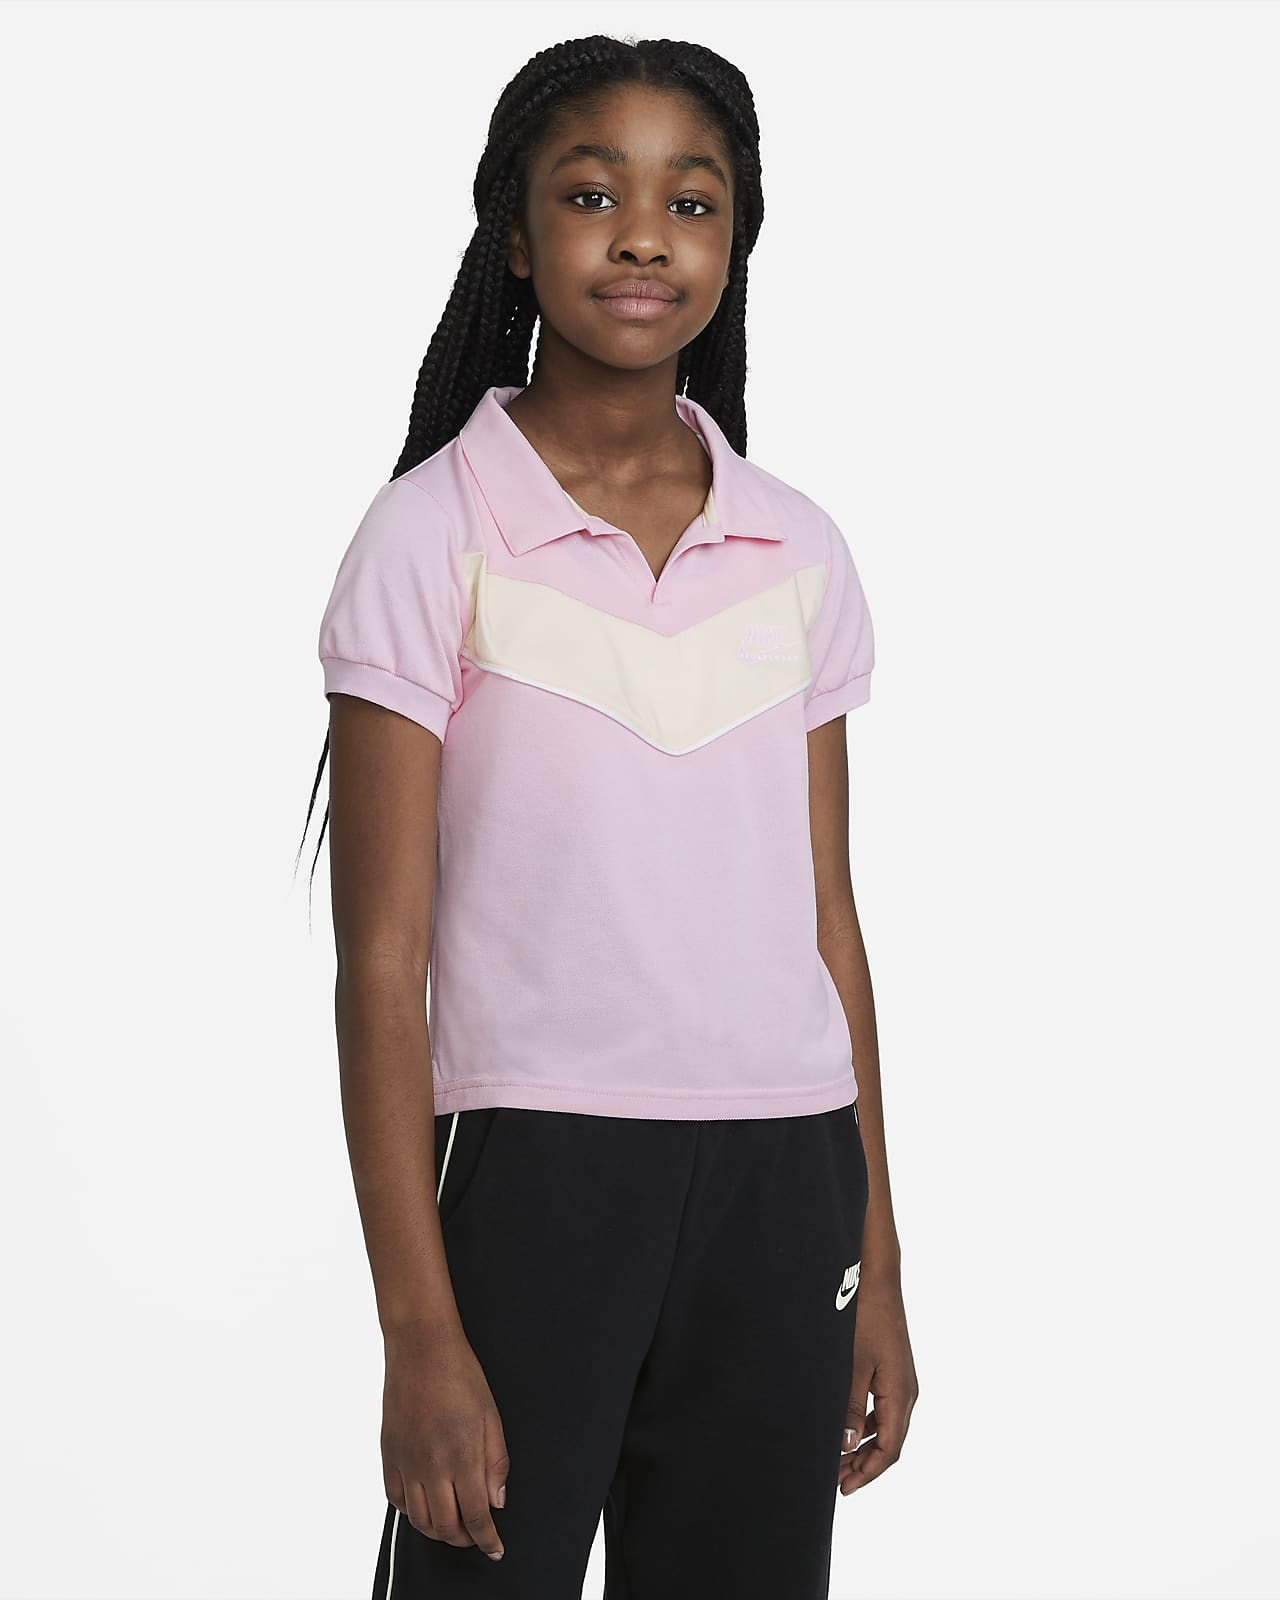 Polokošile Nike Sportswear Heritage pro větší děti (dívky)